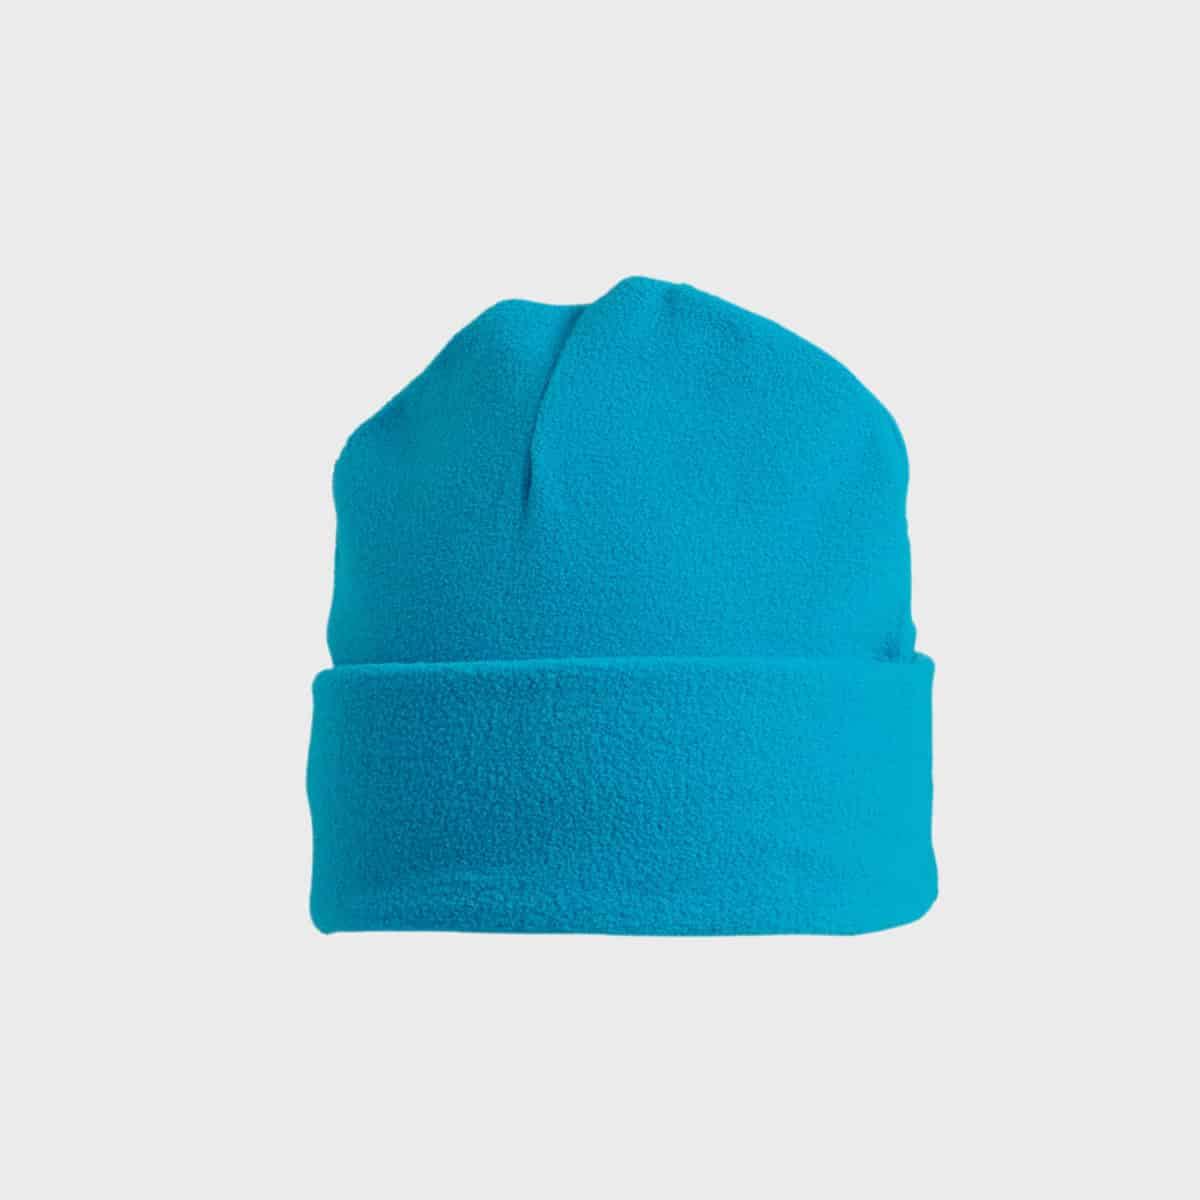 microfleece-mütze-aqua-kaufen-besticken_stickmanufaktur